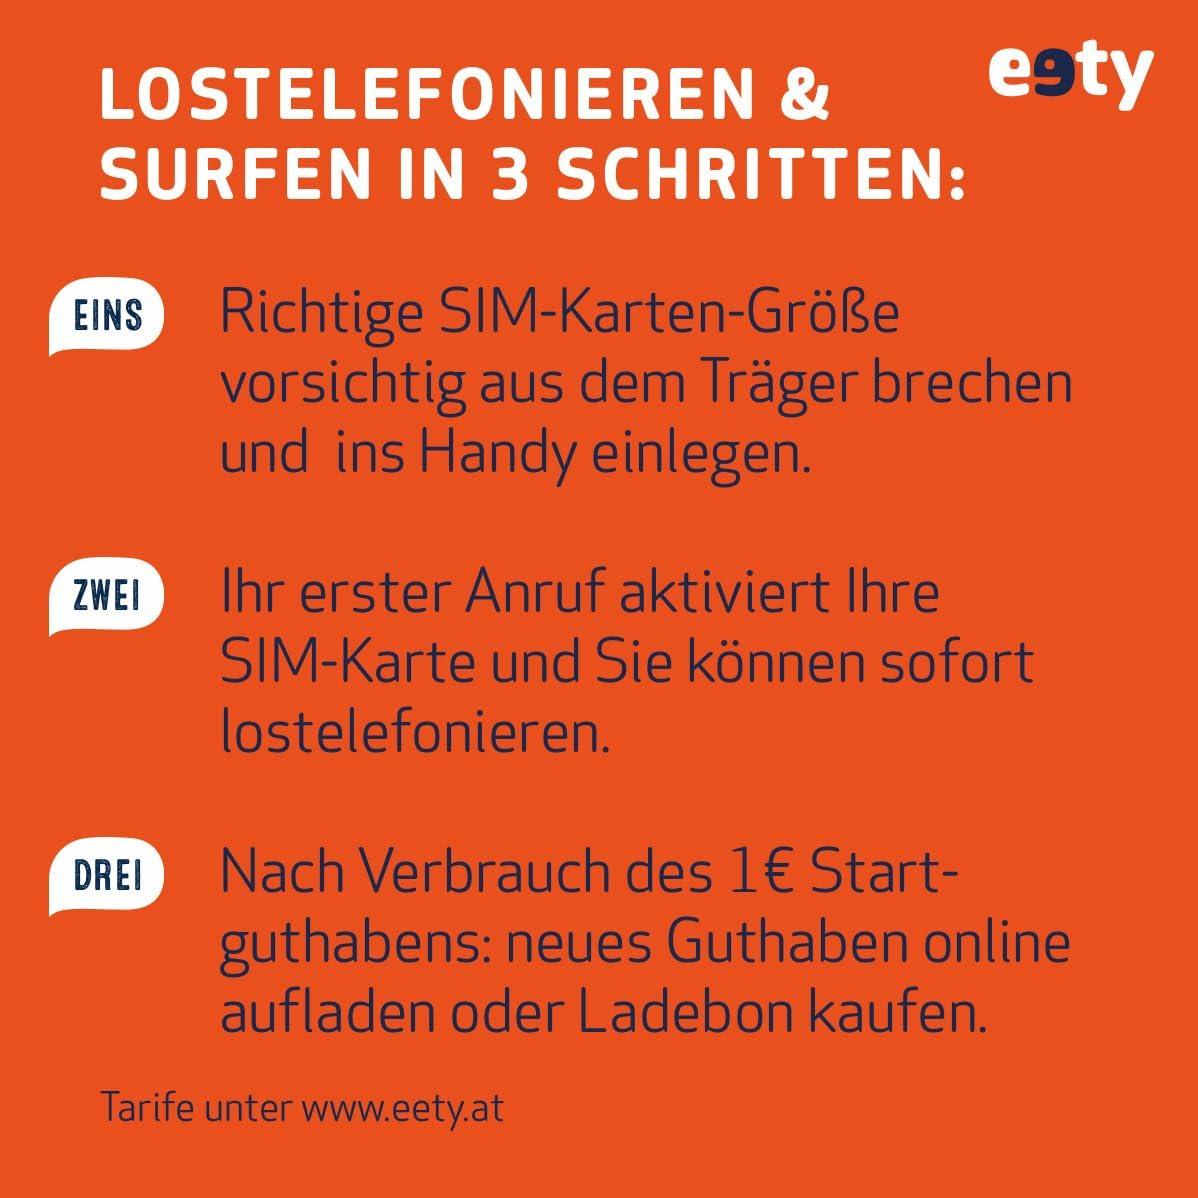 eety SIM Karte /Österreich f/ür Smartphone//Tablet Karte mit 1 Euro Startguthaben roamingf/ähig SIM, Micro-SIM, Nano-SIM Router//Laptop